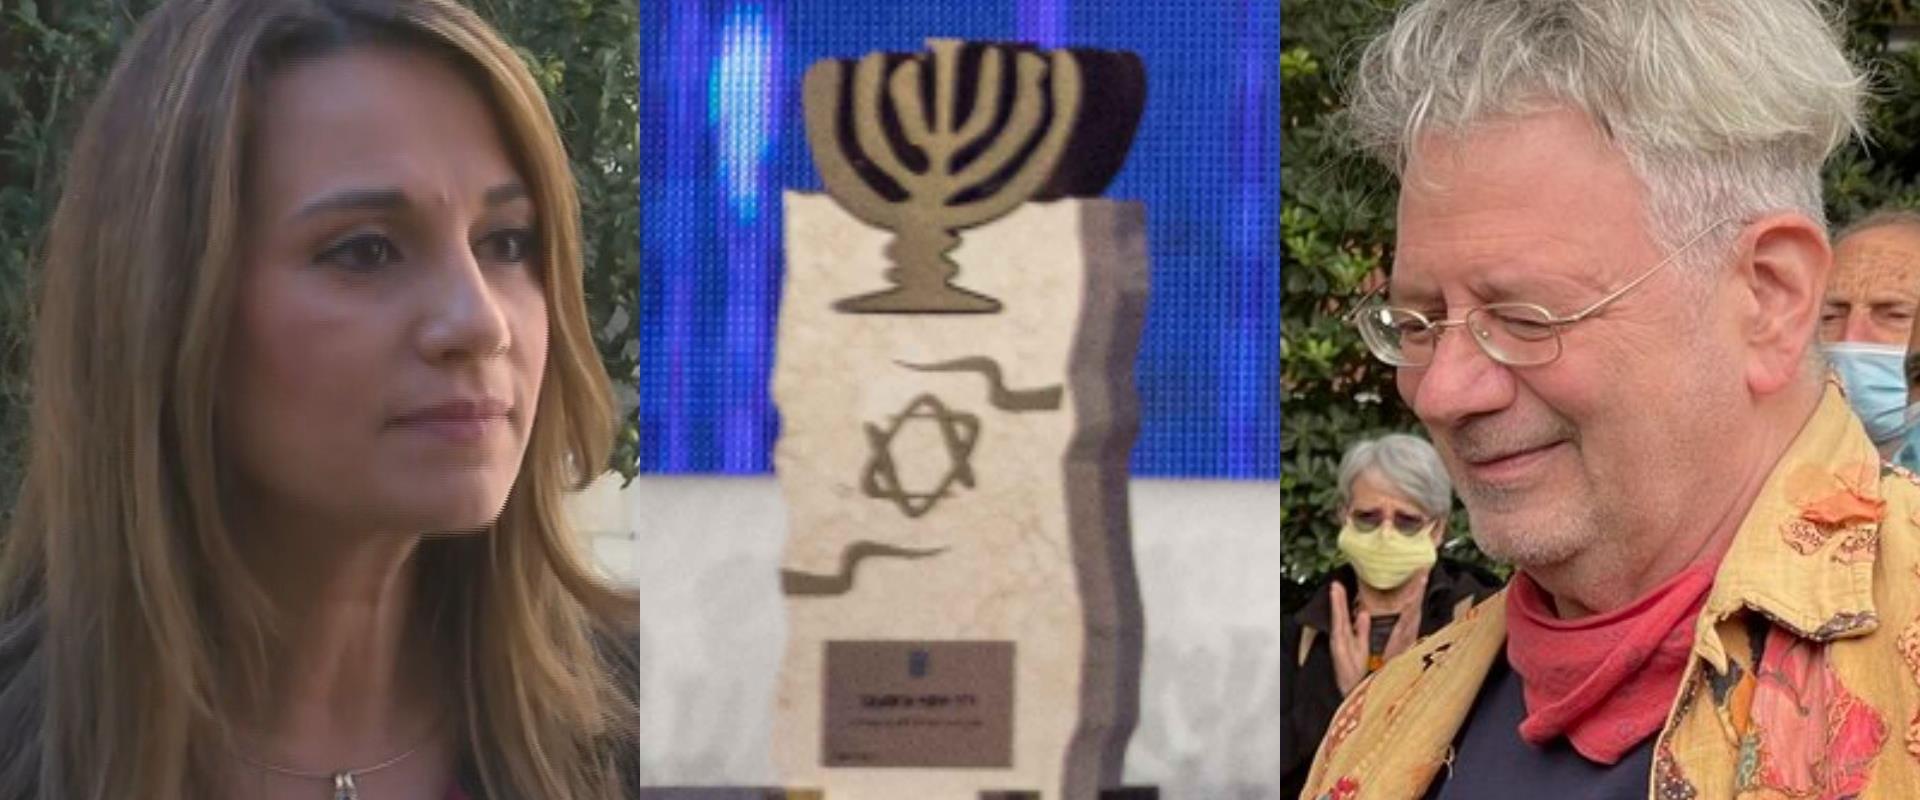 פרופ' גולדרייך, פרס ישראל, השרה שאשא-ביטון